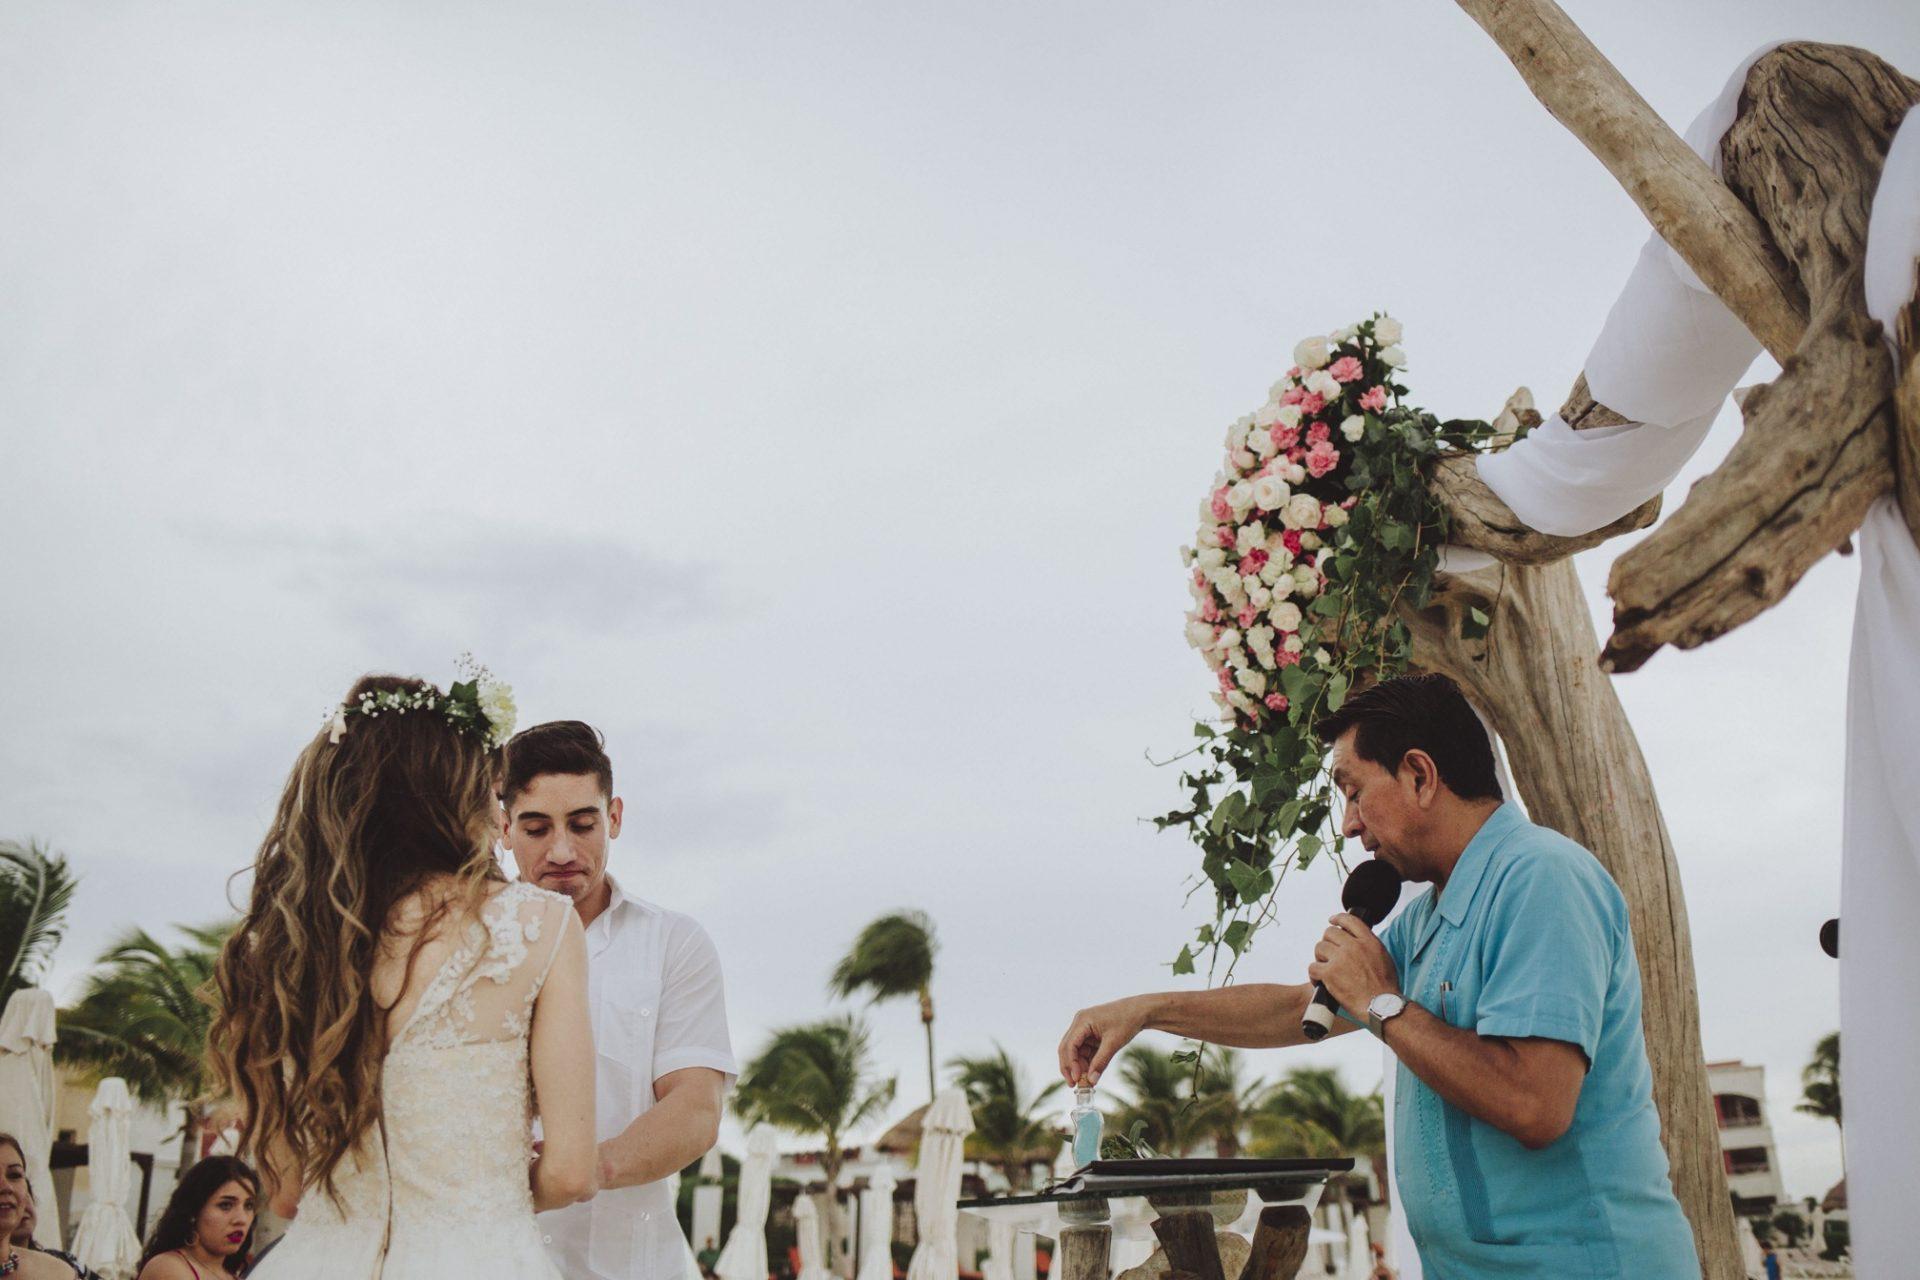 fotografo_bodas_profesional_zacatecas_riviera_maya_cancun-59